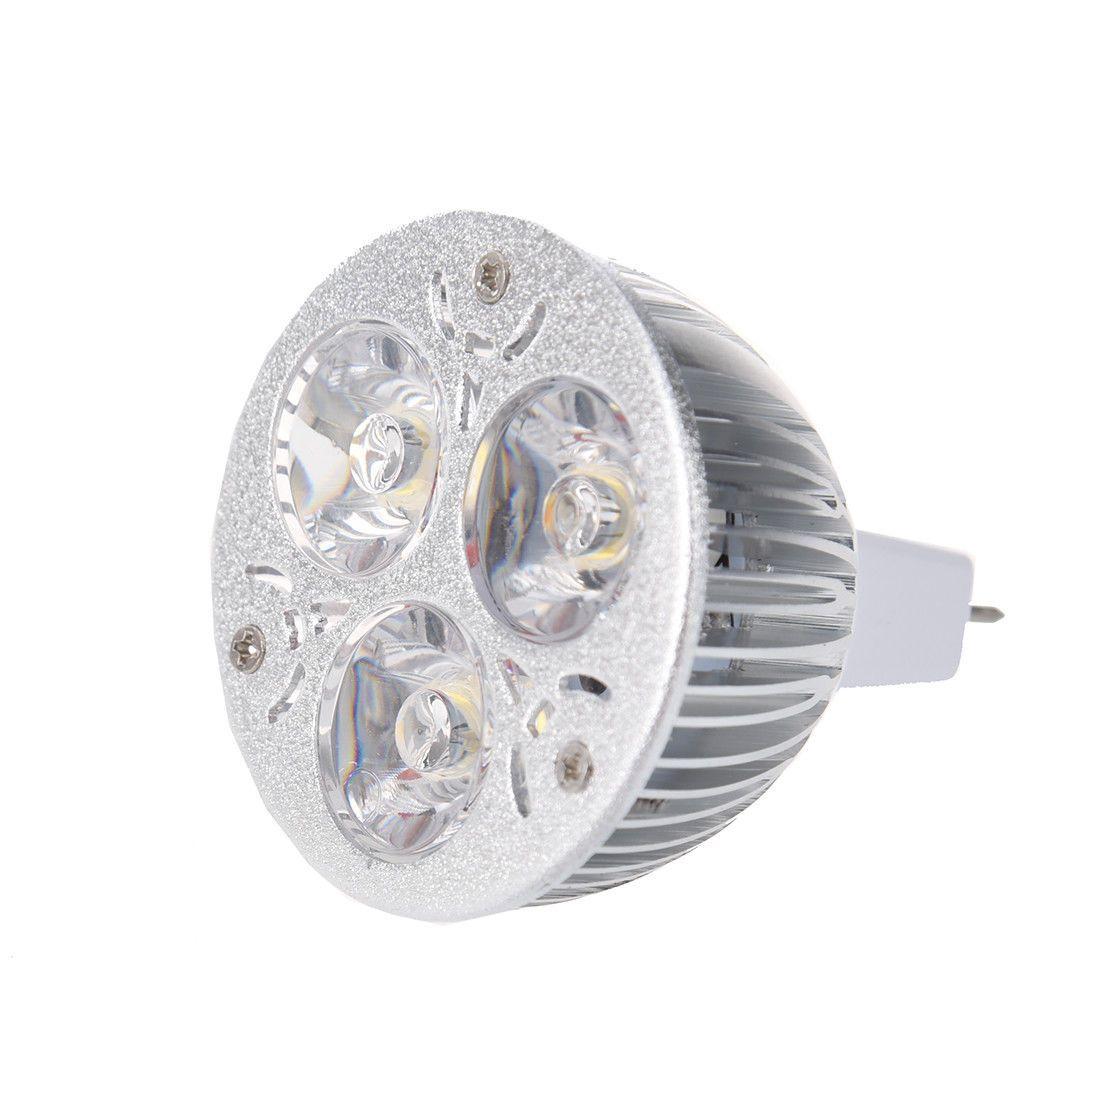 2 19 3w 12 24v Mr16 Warm White 3 Led Light Spotlight Lamp Bulb Only Ebay Home Garden Spotlight Lamp Lamp Bulb Led Lights